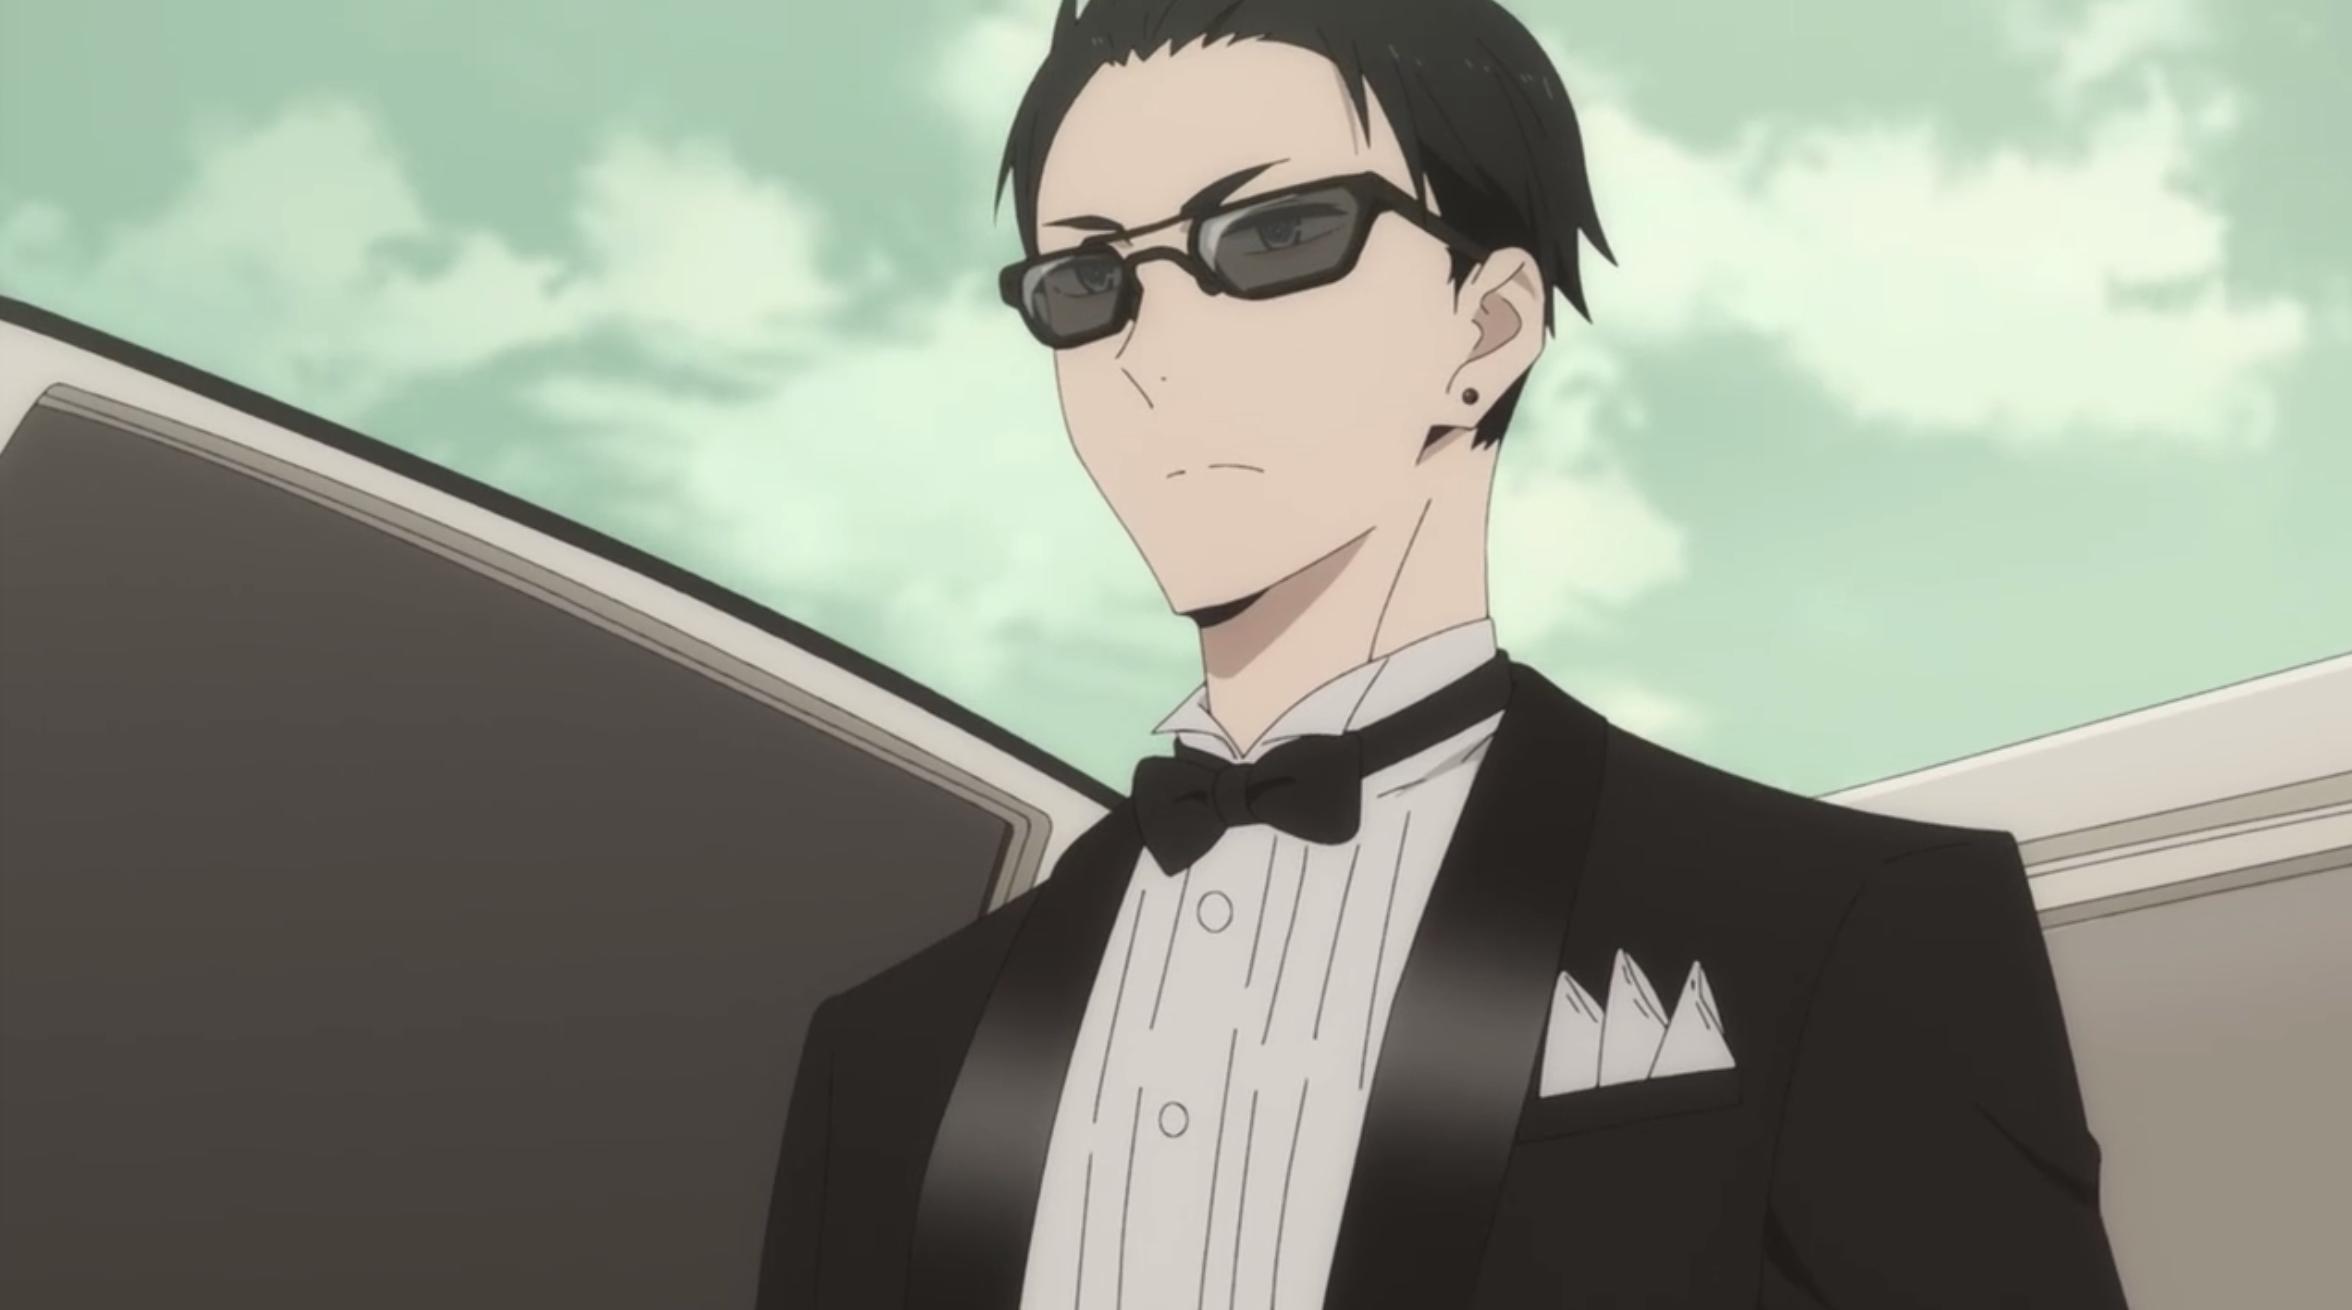 TVアニメ『富豪刑事』5話感想 ポリアドル共和国の大統領を狙ったテロ発生!ゲスト声優として小野大輔さんも登場